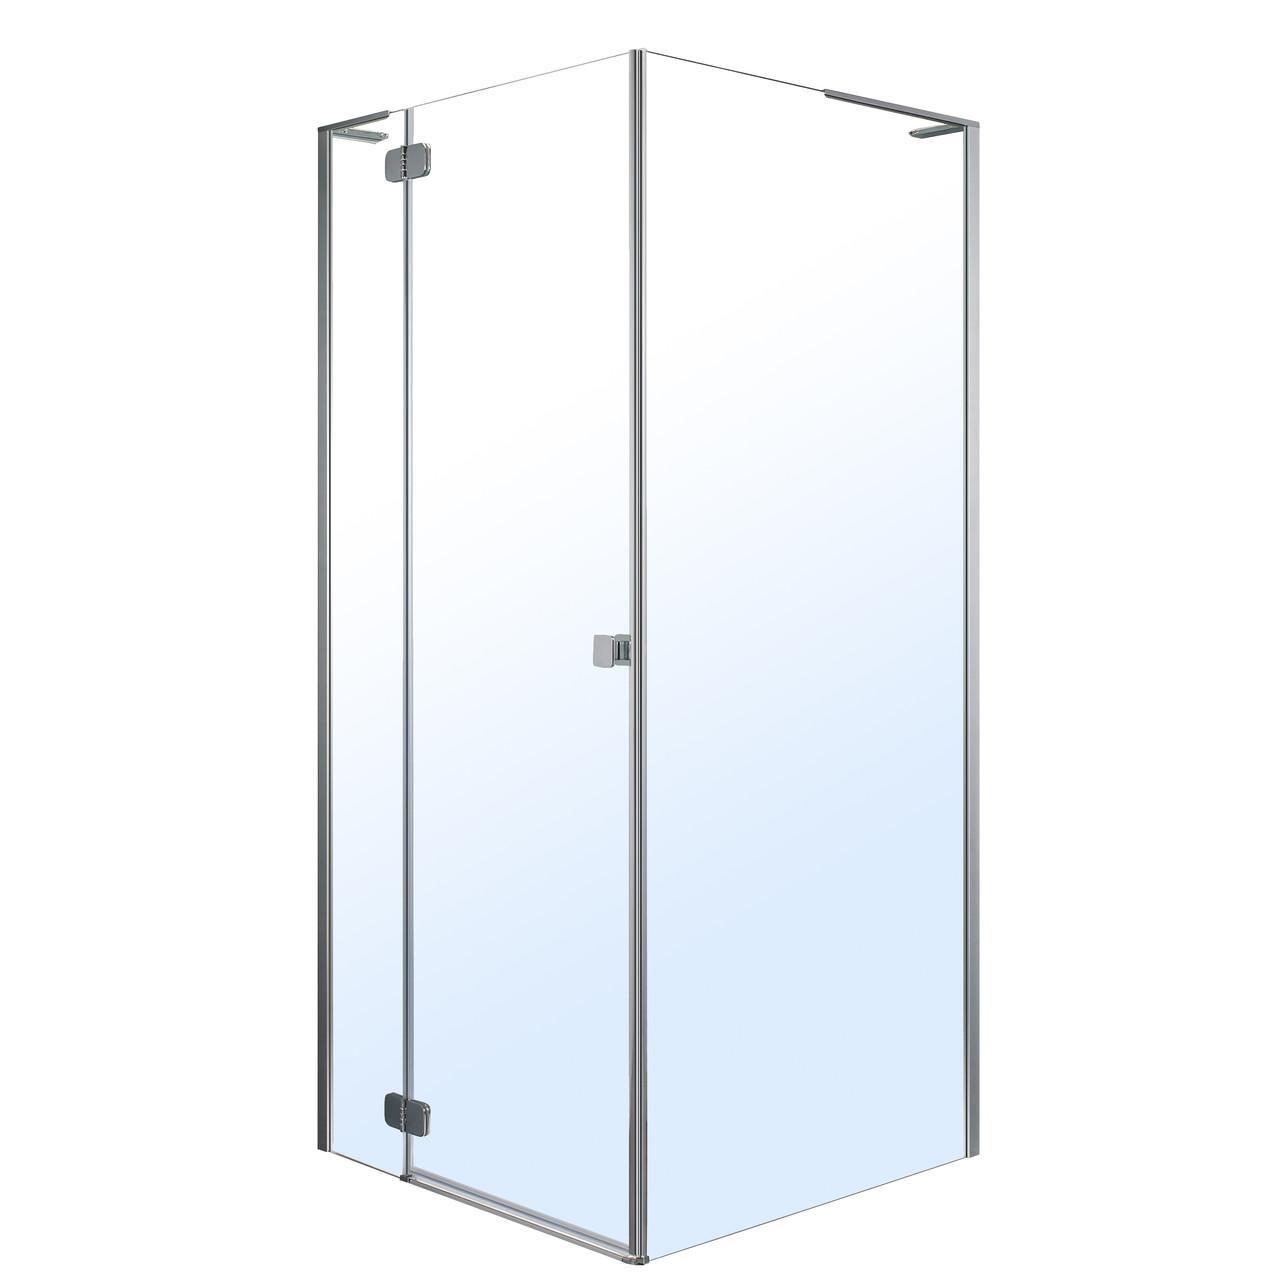 BENITA душевая кабина 90*90*195см, квадратная (стекла + двери), левая, распашная, хром, прозрачное